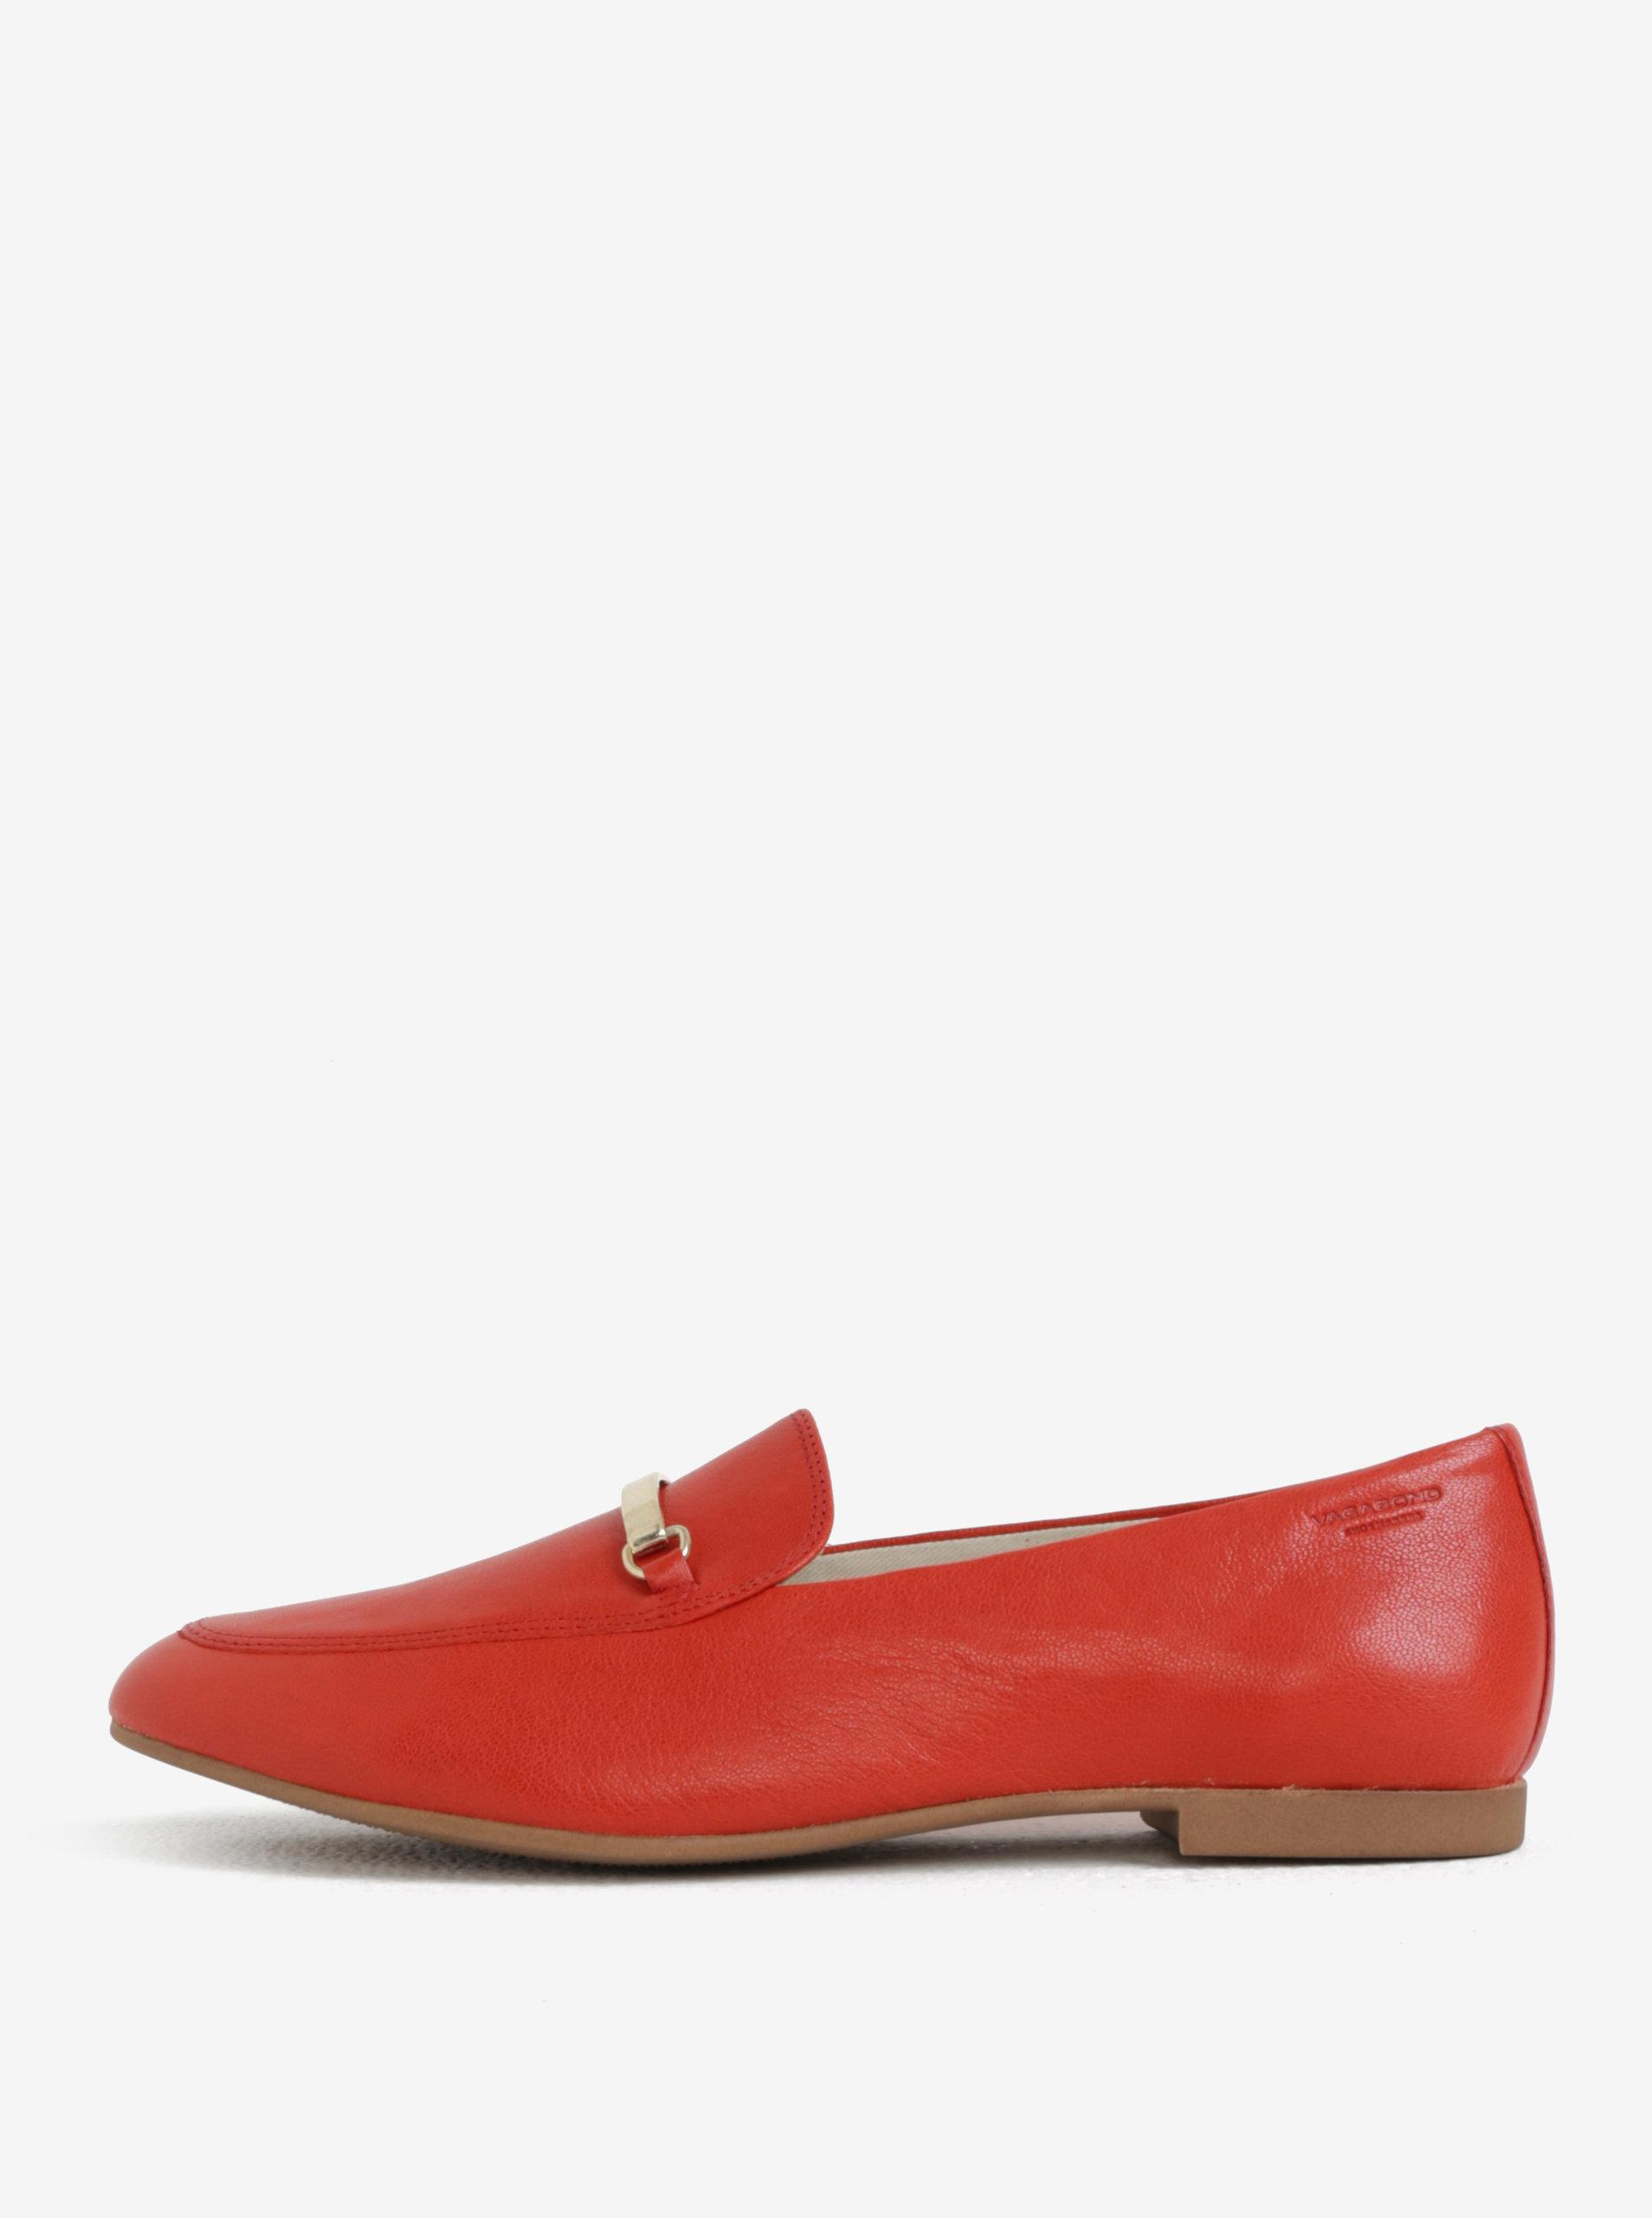 Červené dámské kožené mokasíny Vagabond Eliza ... daacadbf46f